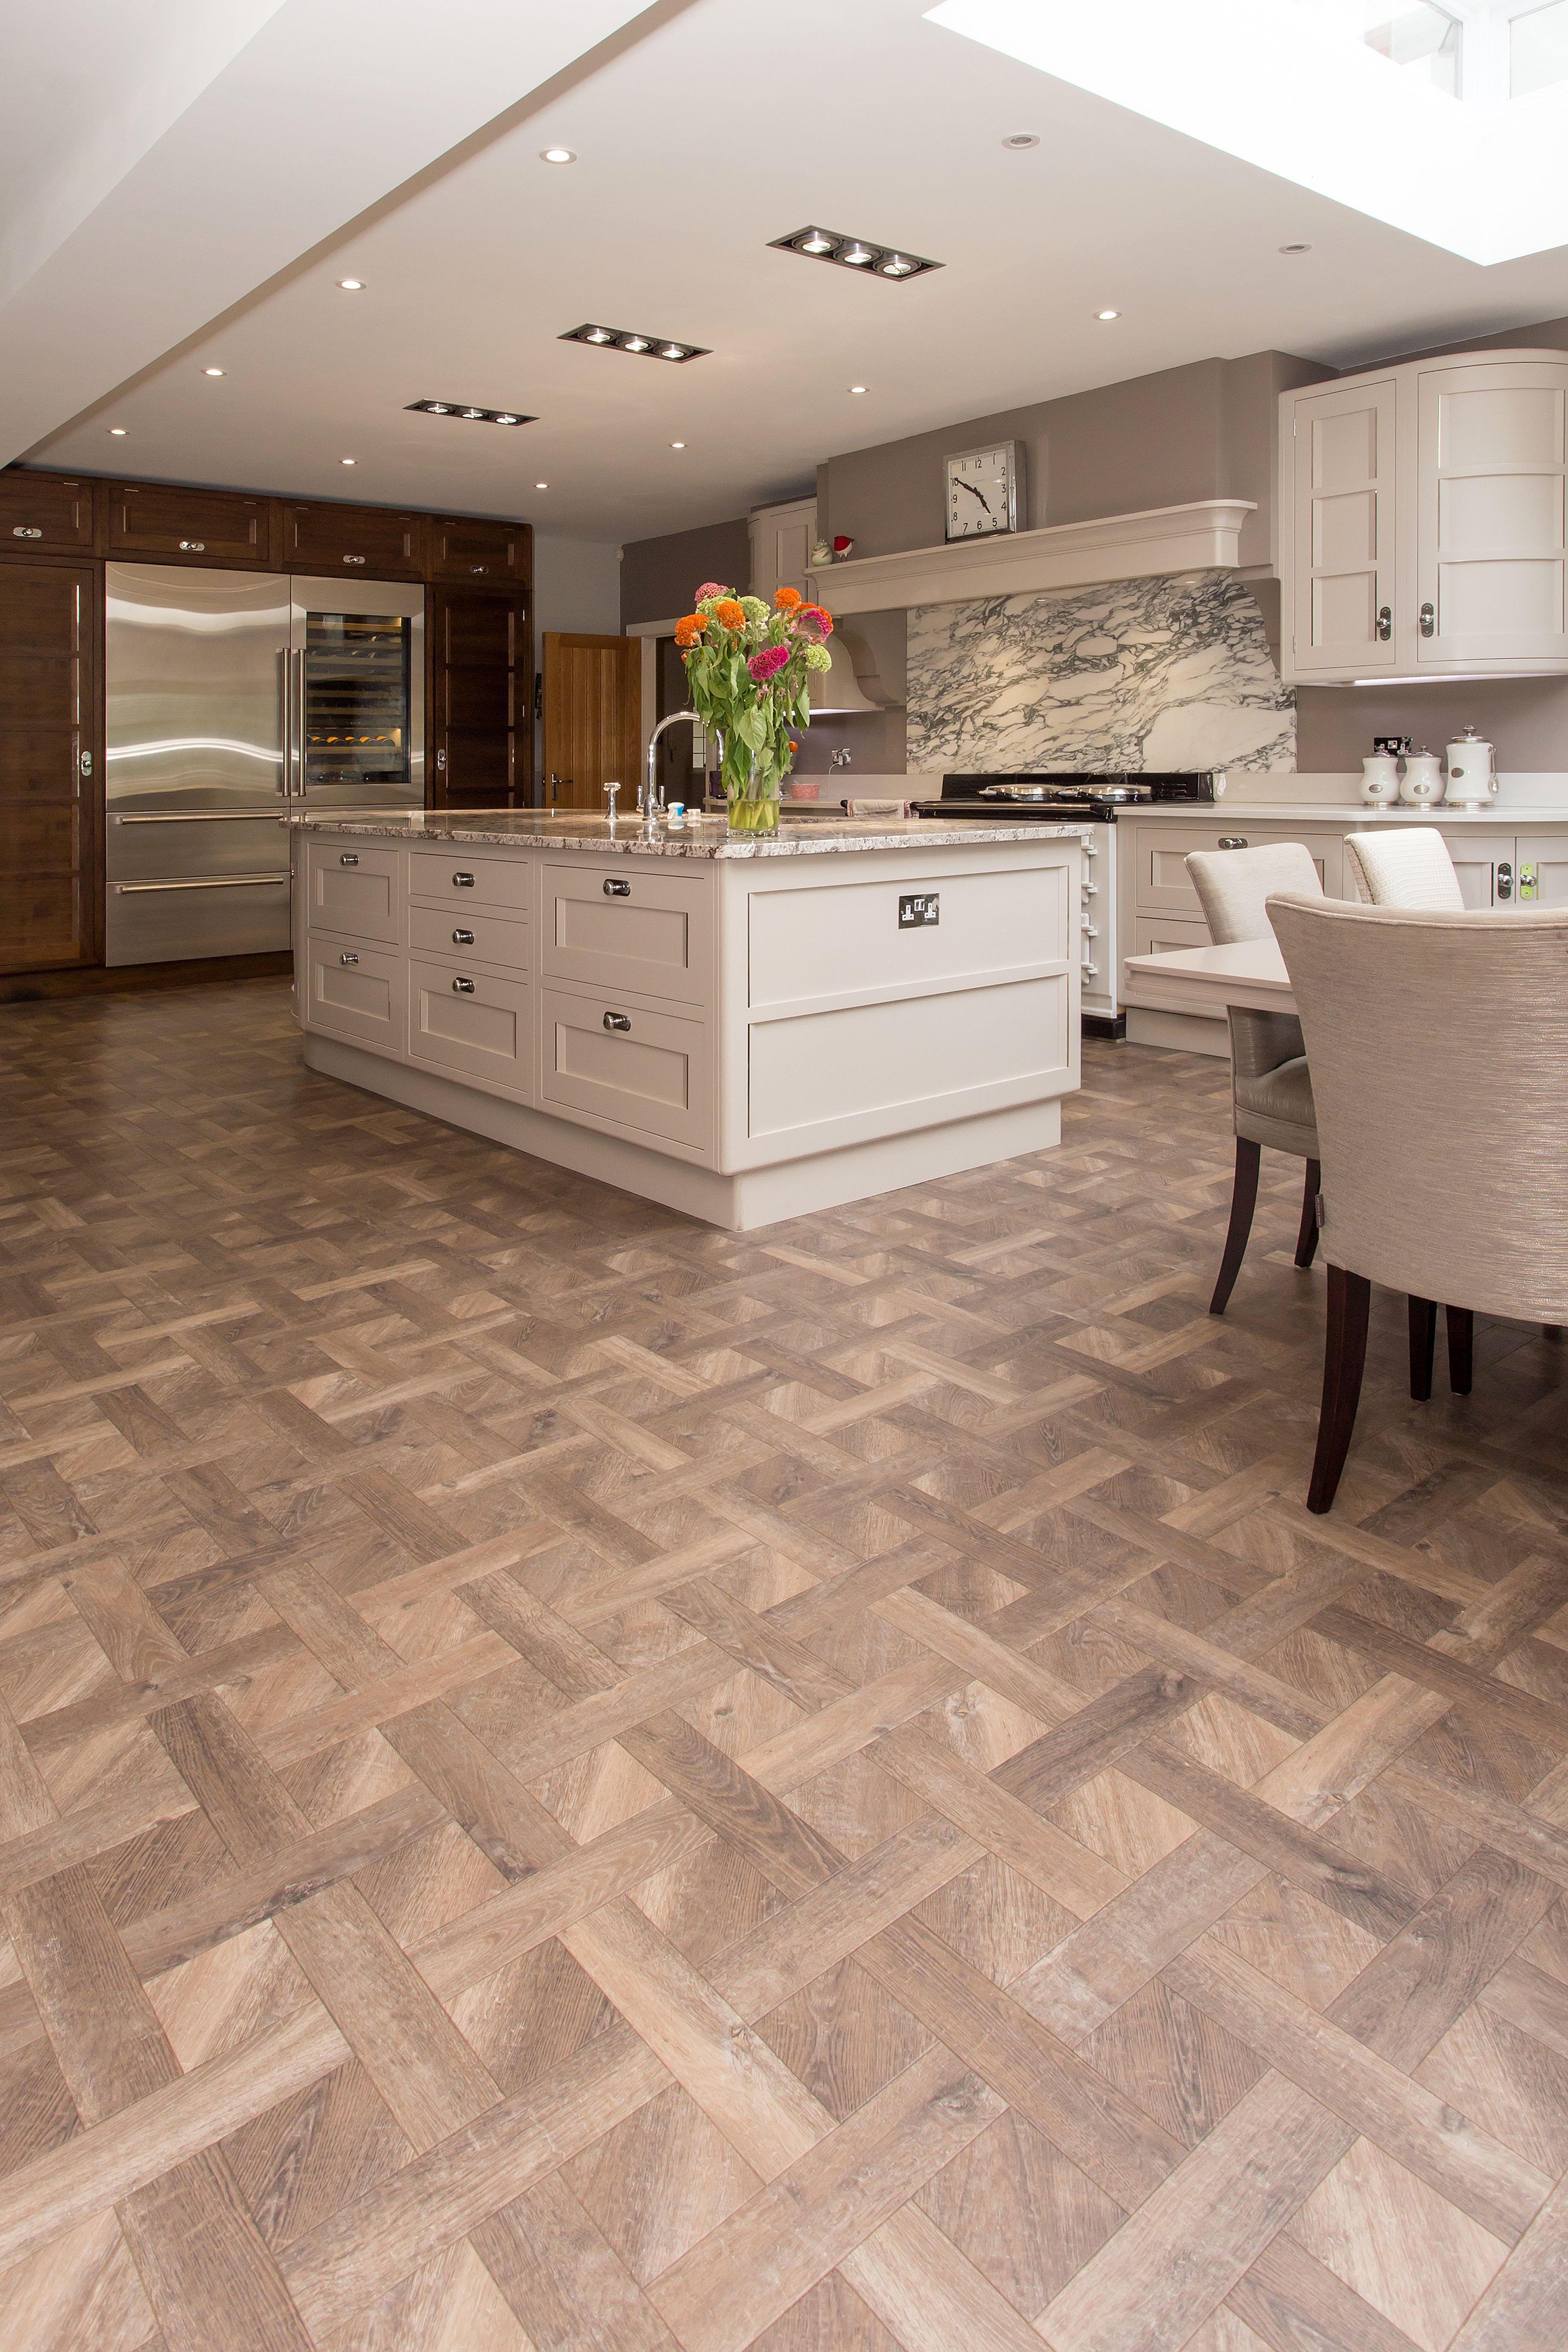 Amtico Signature Basketweave Luxury Vinyl Tile Flooring To Kitchen With Large Island Amtico Flooring Kitchen Amtico Flooring Luxury Vinyl Tile Flooring